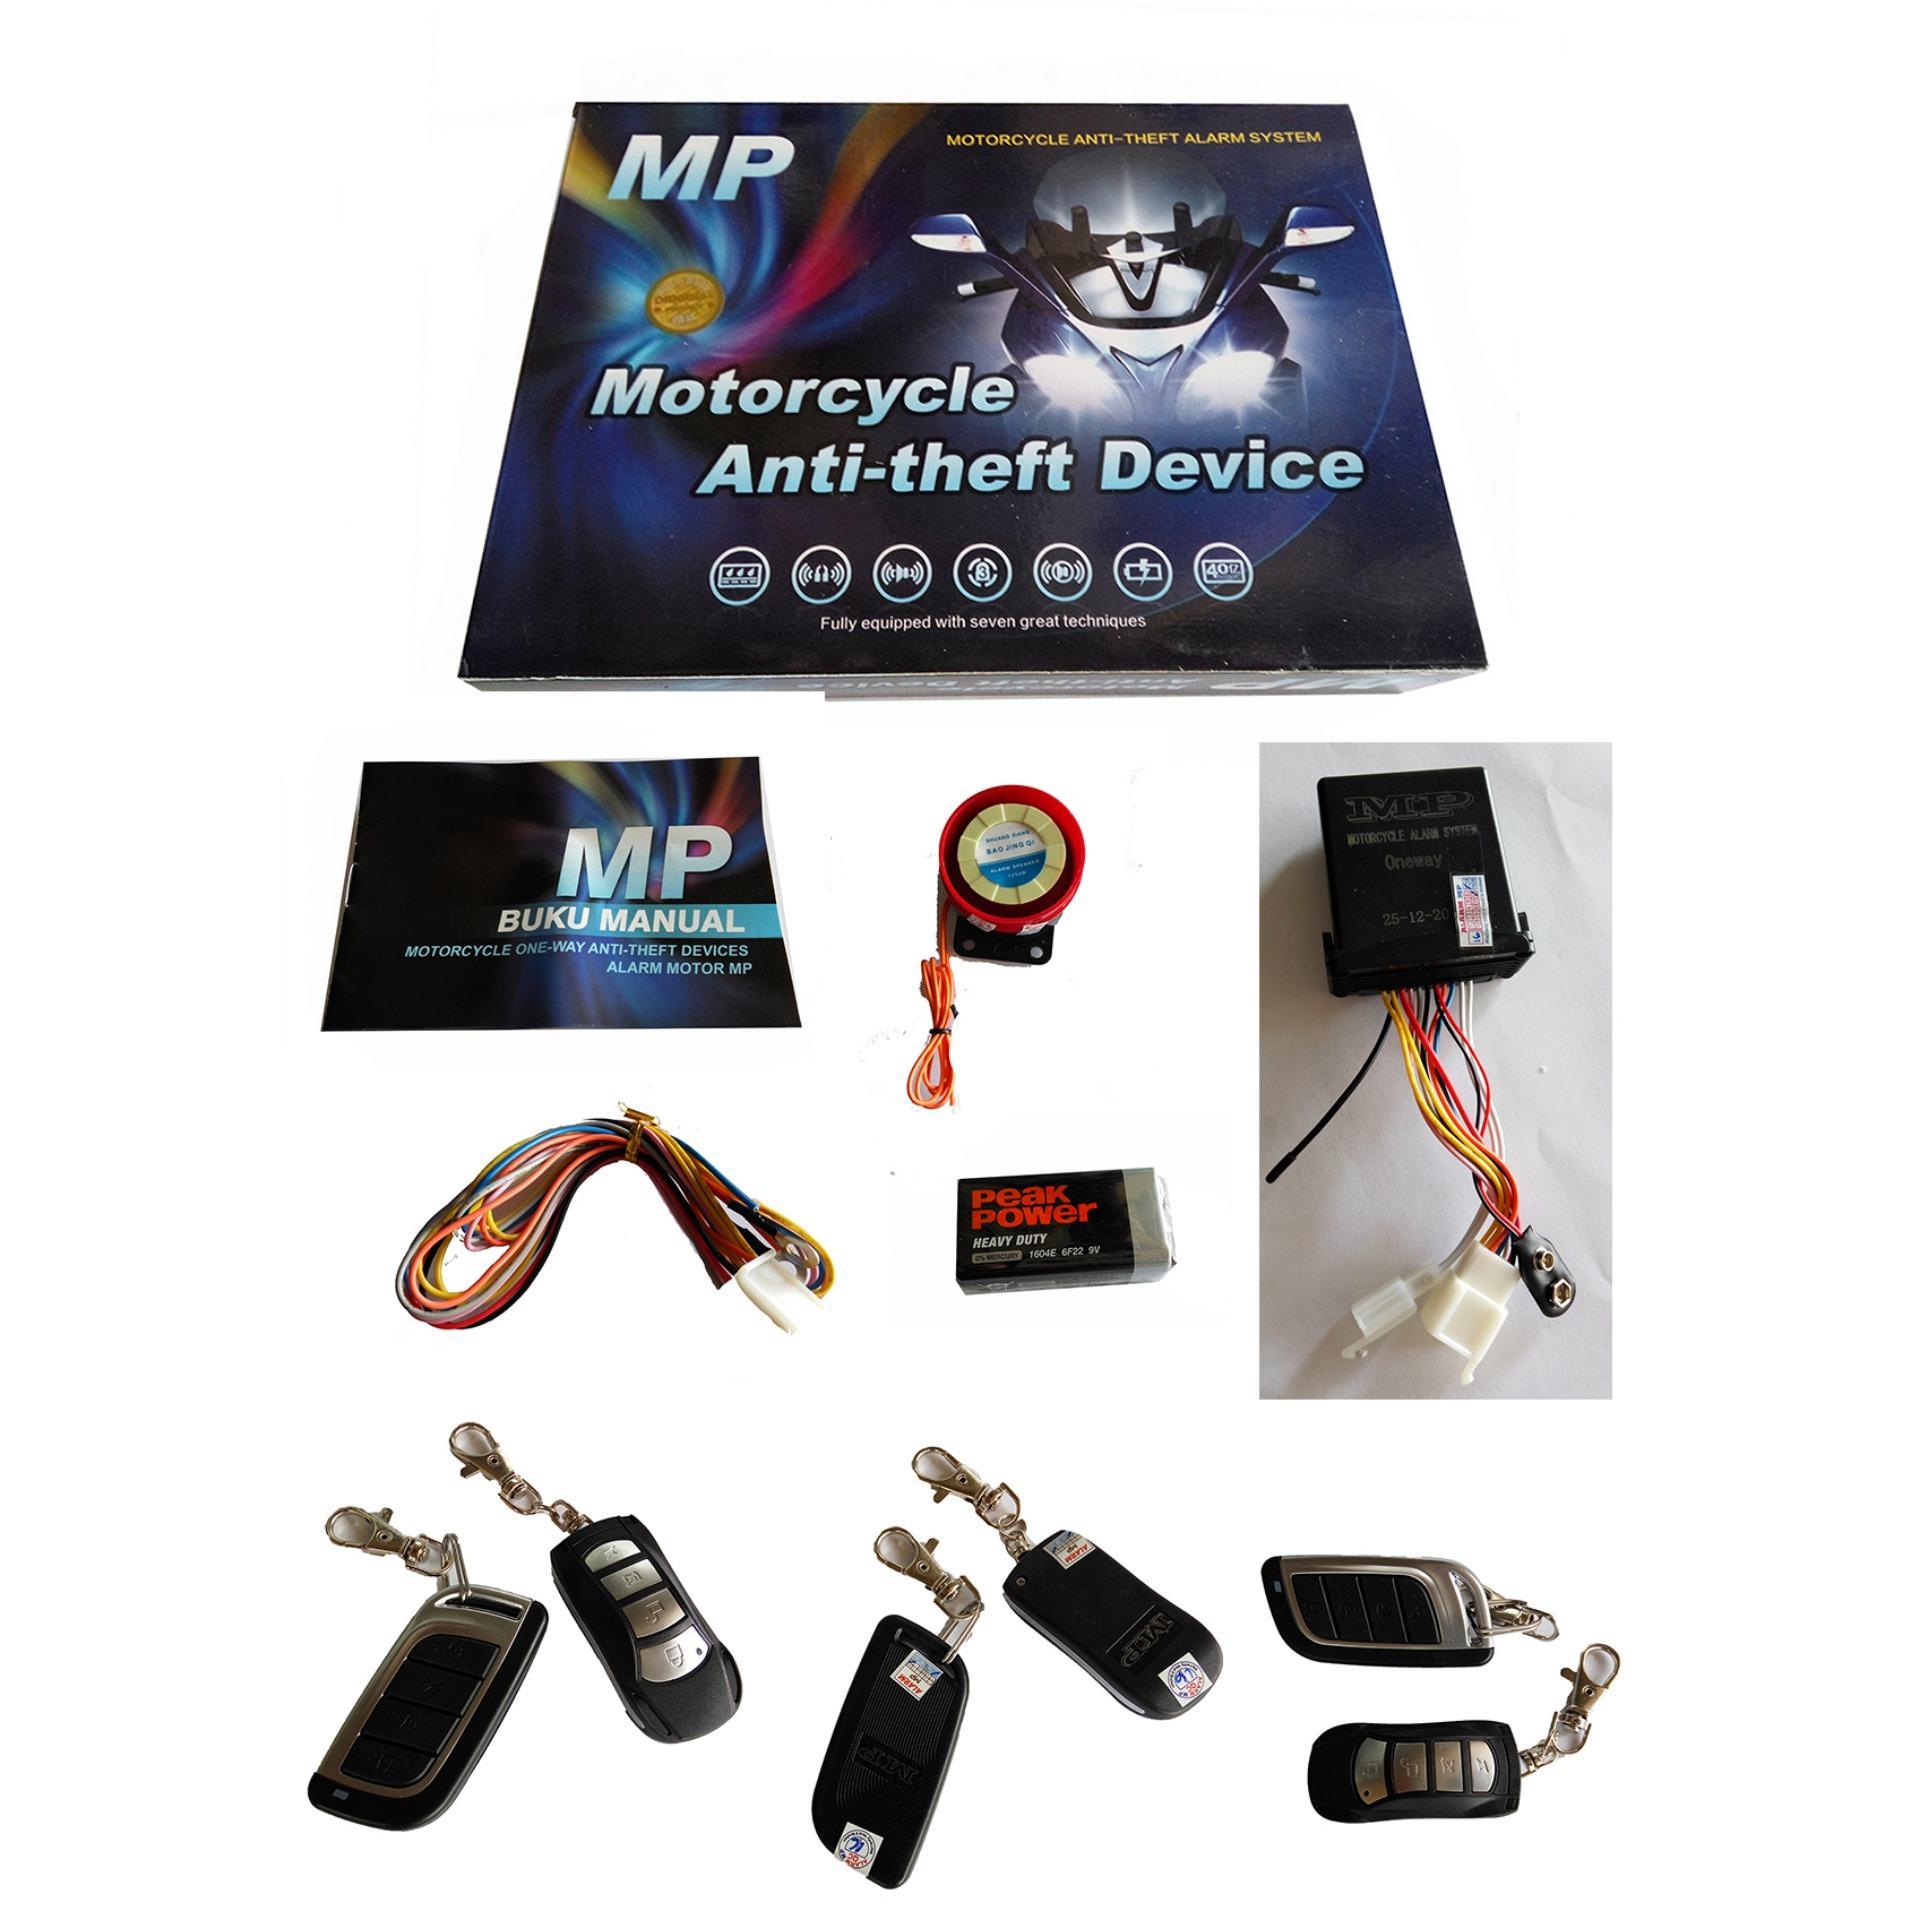 Toko Alarm Motor Mp Original Universal Garansi Alarm Oneway Anti Maling Alarm Motor Karbu Injeksi Terlengkap Banten